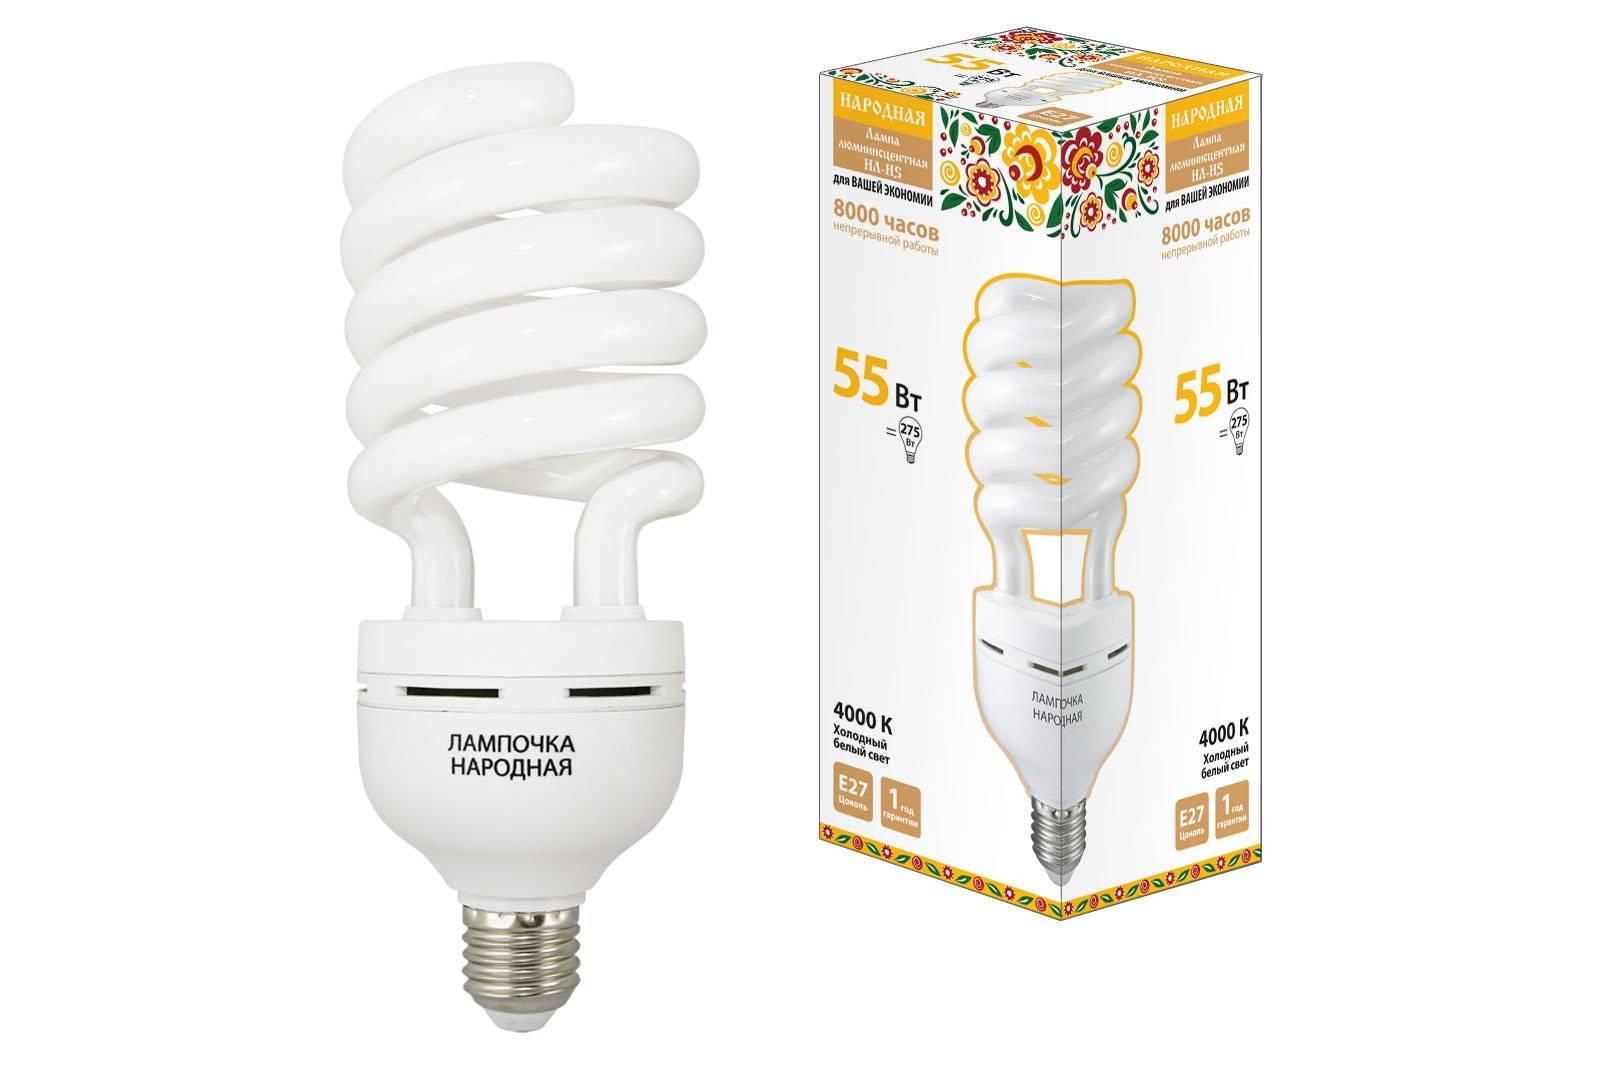 Светодиодная или люминесцентная лампа что лучше